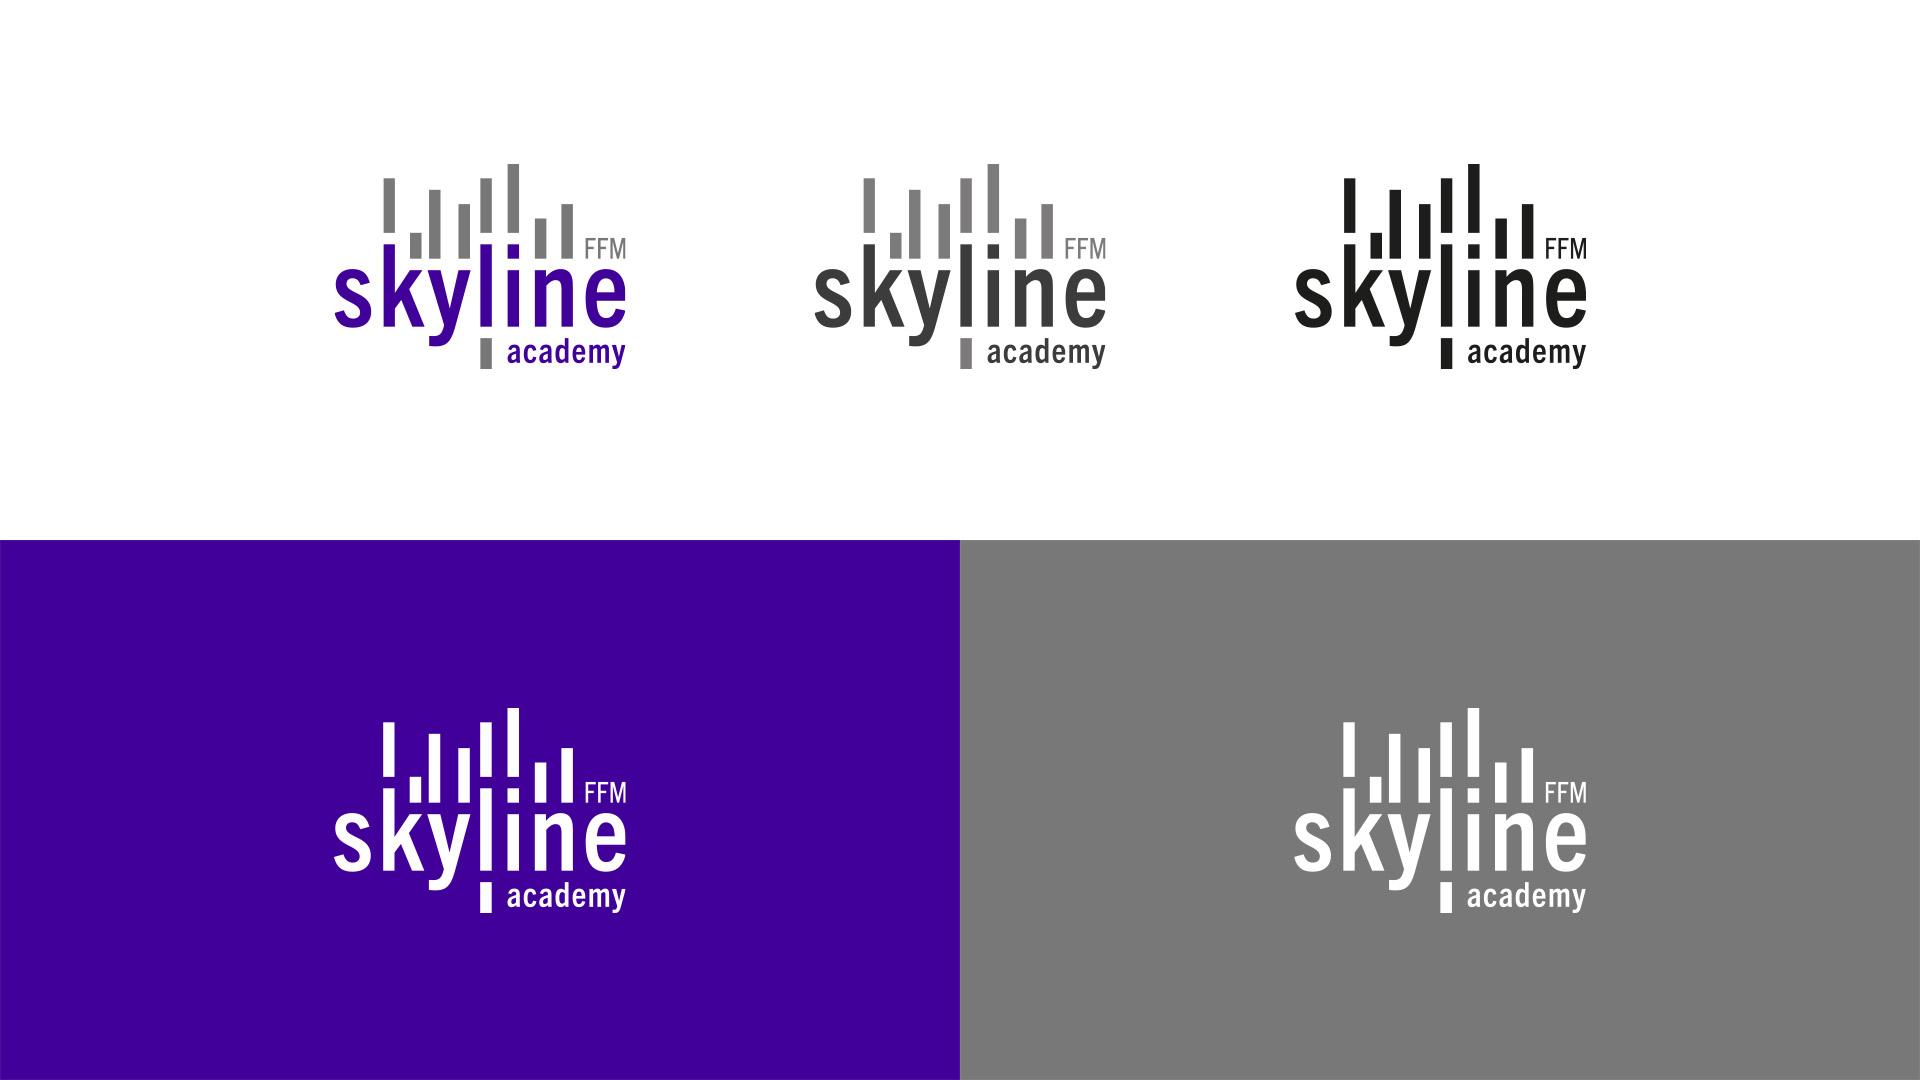 Logoentwicklung für die skyline academy in Frankfurt am Main.